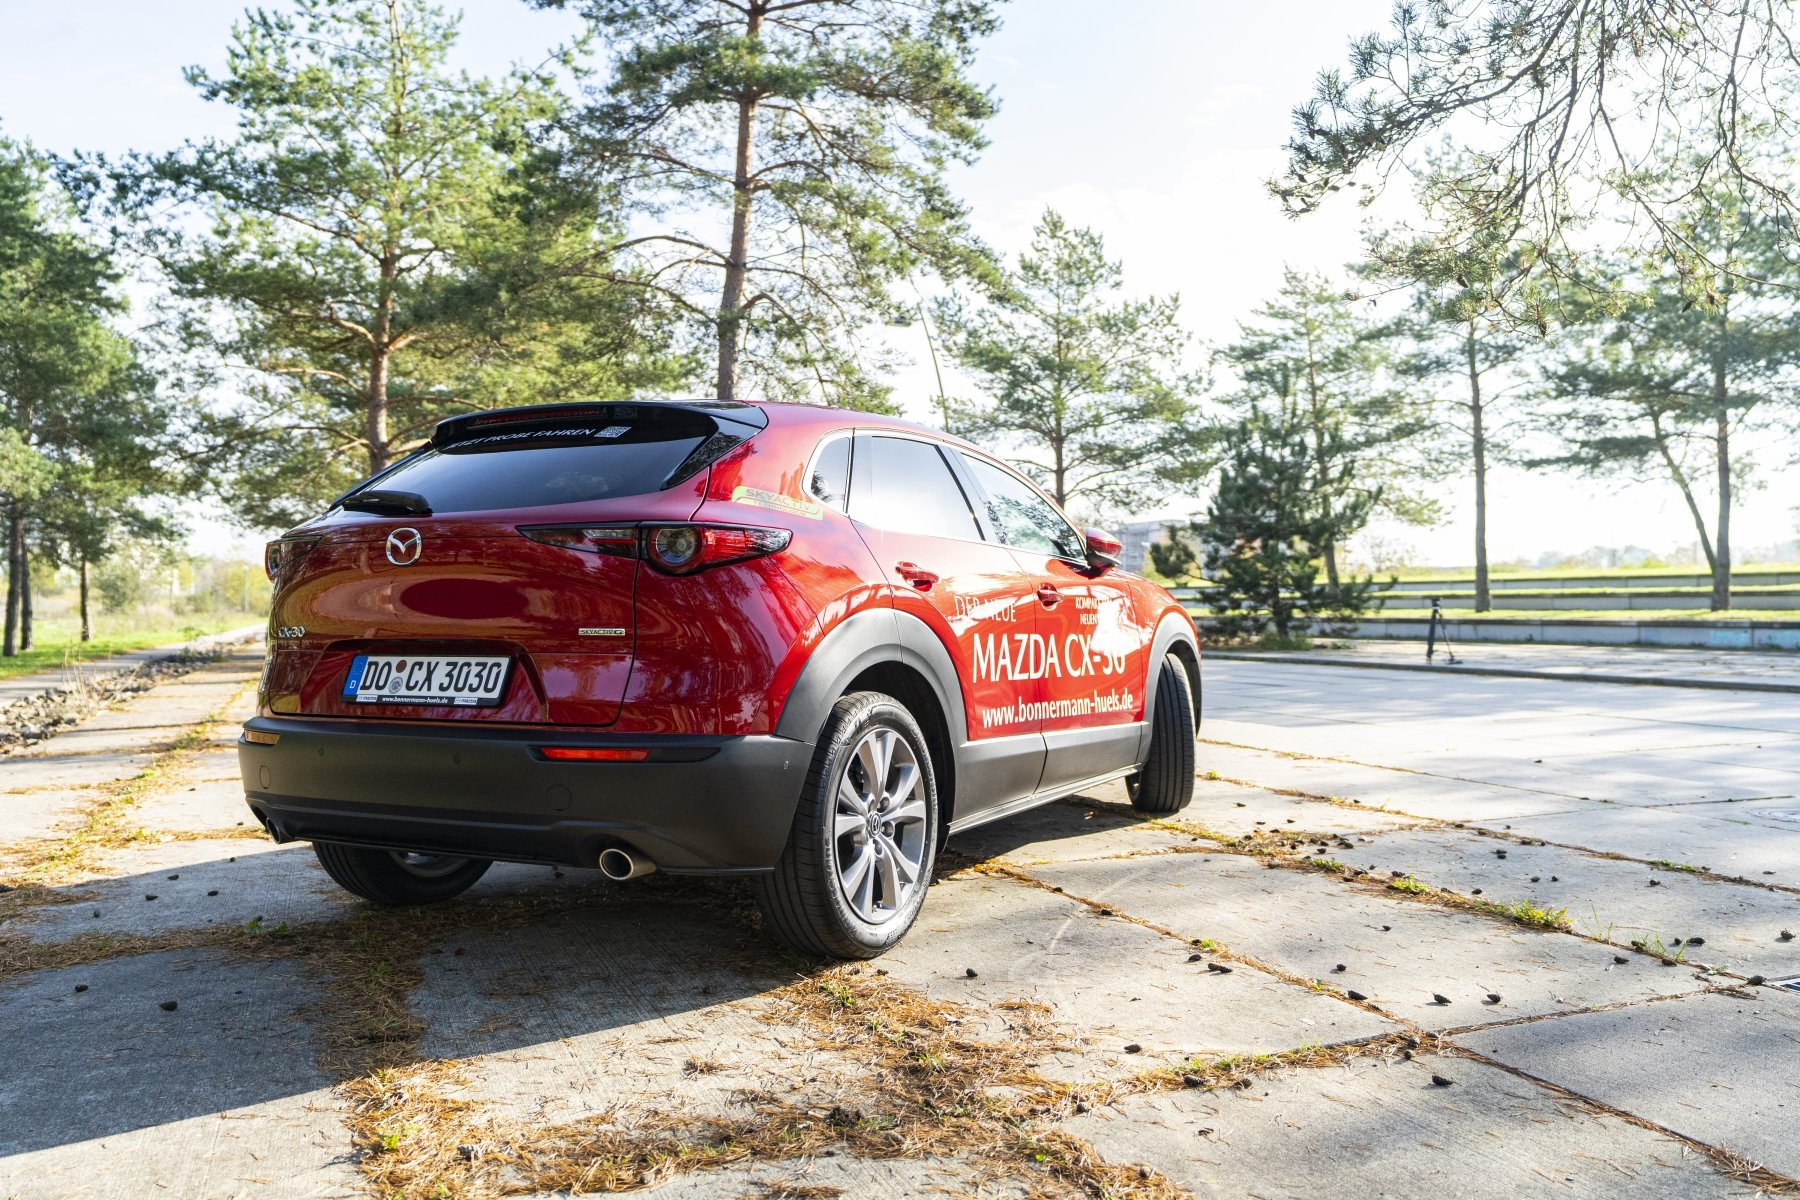 FAHRBERICHT: Mazda CX-30 – der neue japanische Crossover-SUV